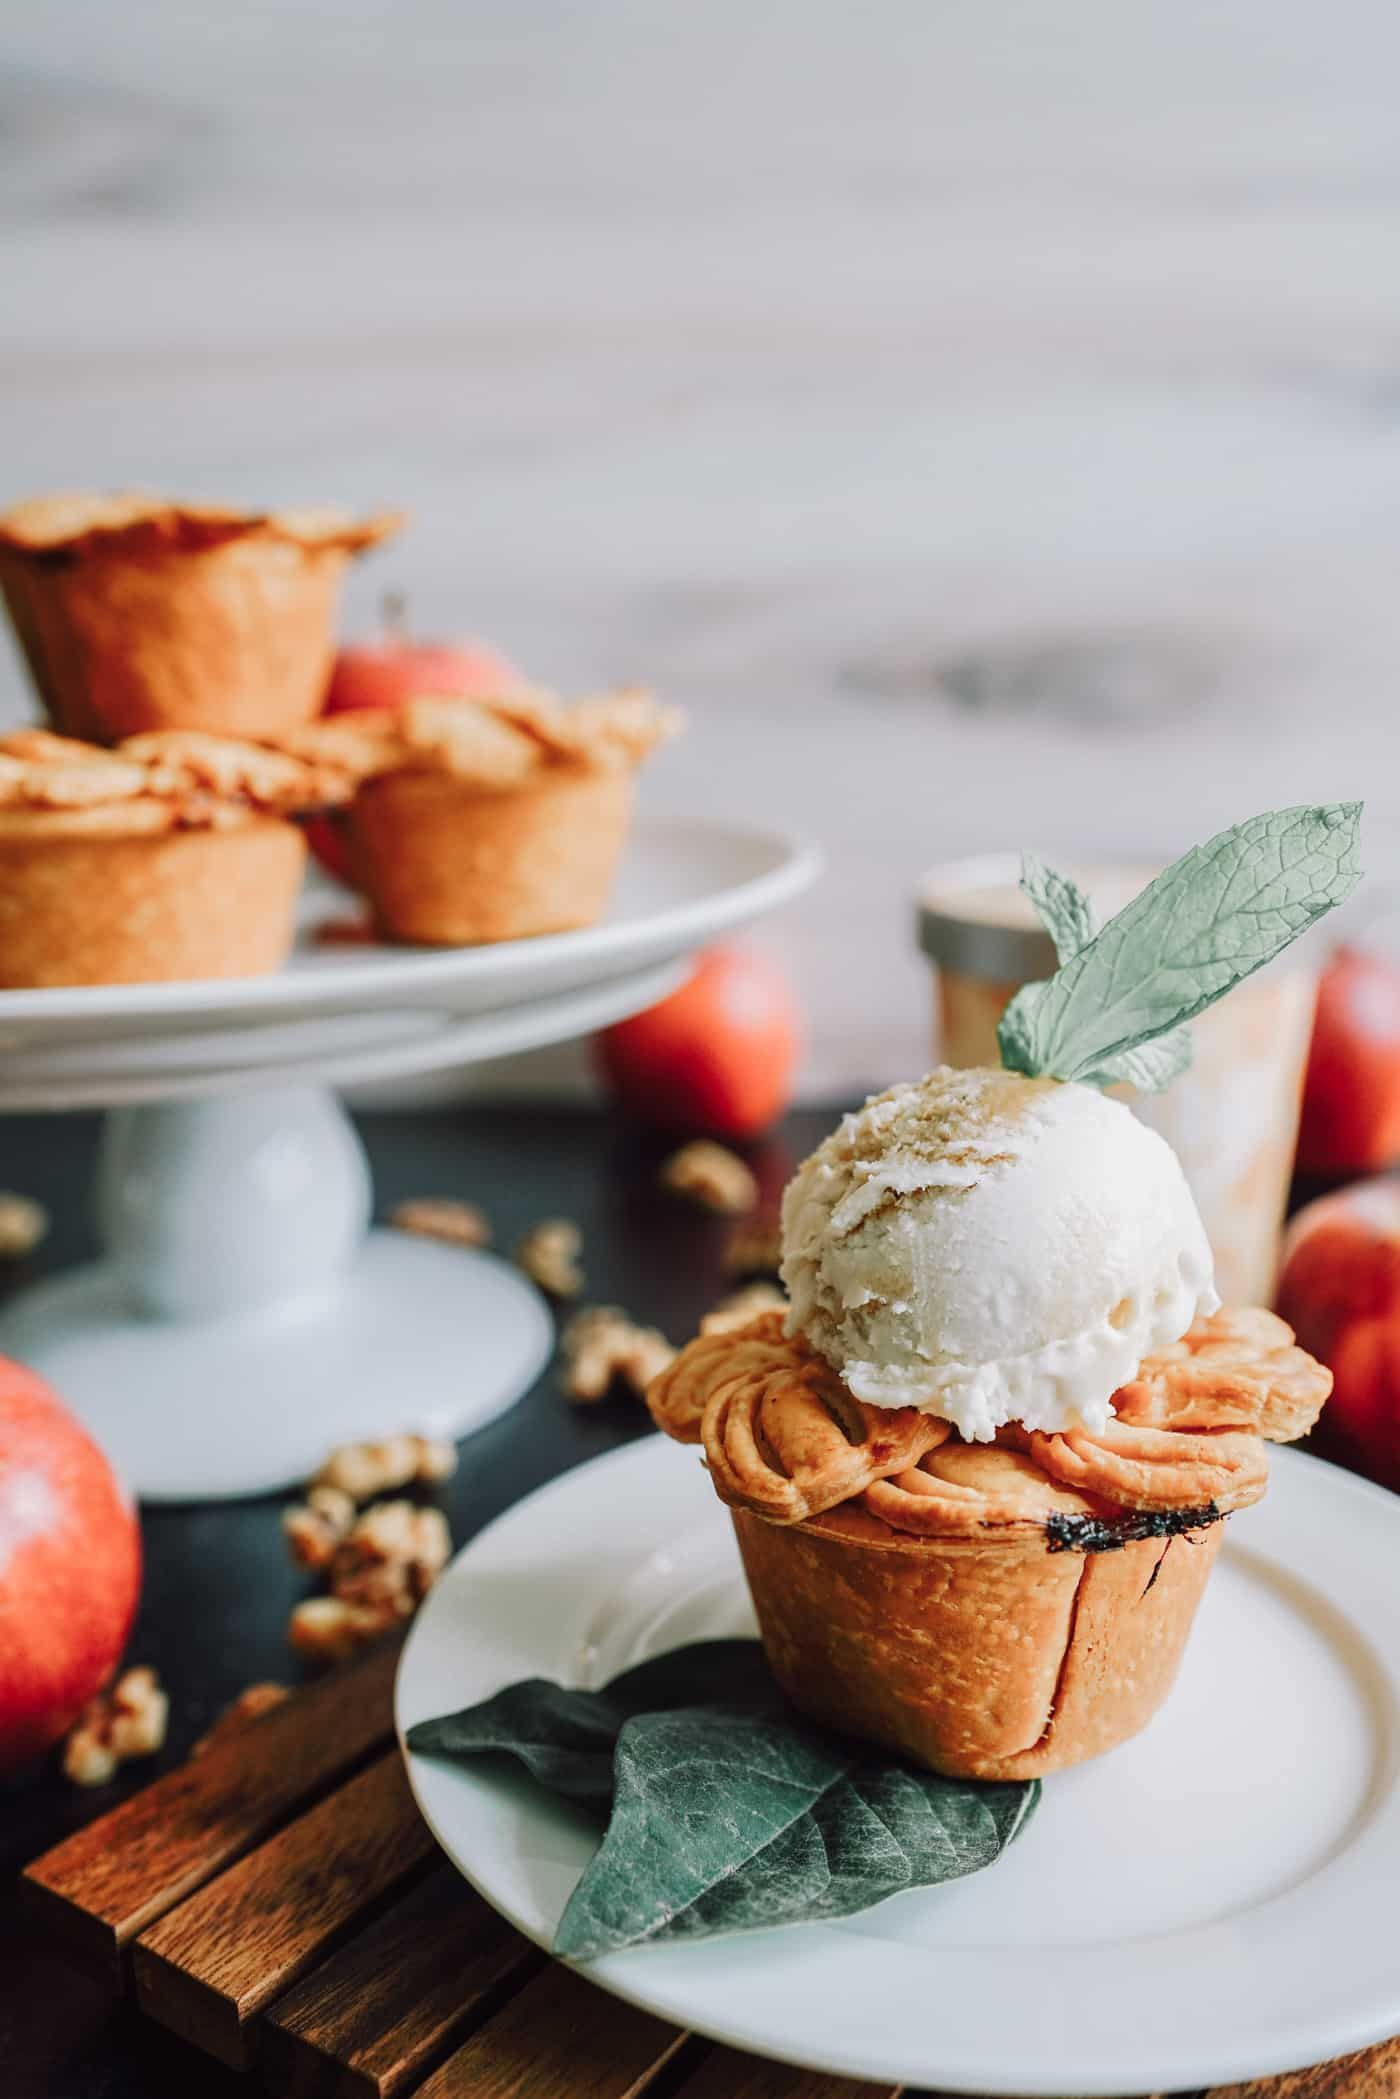 The Best Mini Vegan Apple Pie Recipe Recipe In 2020 Vegan Apple Pie Recipe Vegan Dessert Recipes Easy Vegan Thanksgiving Dessert